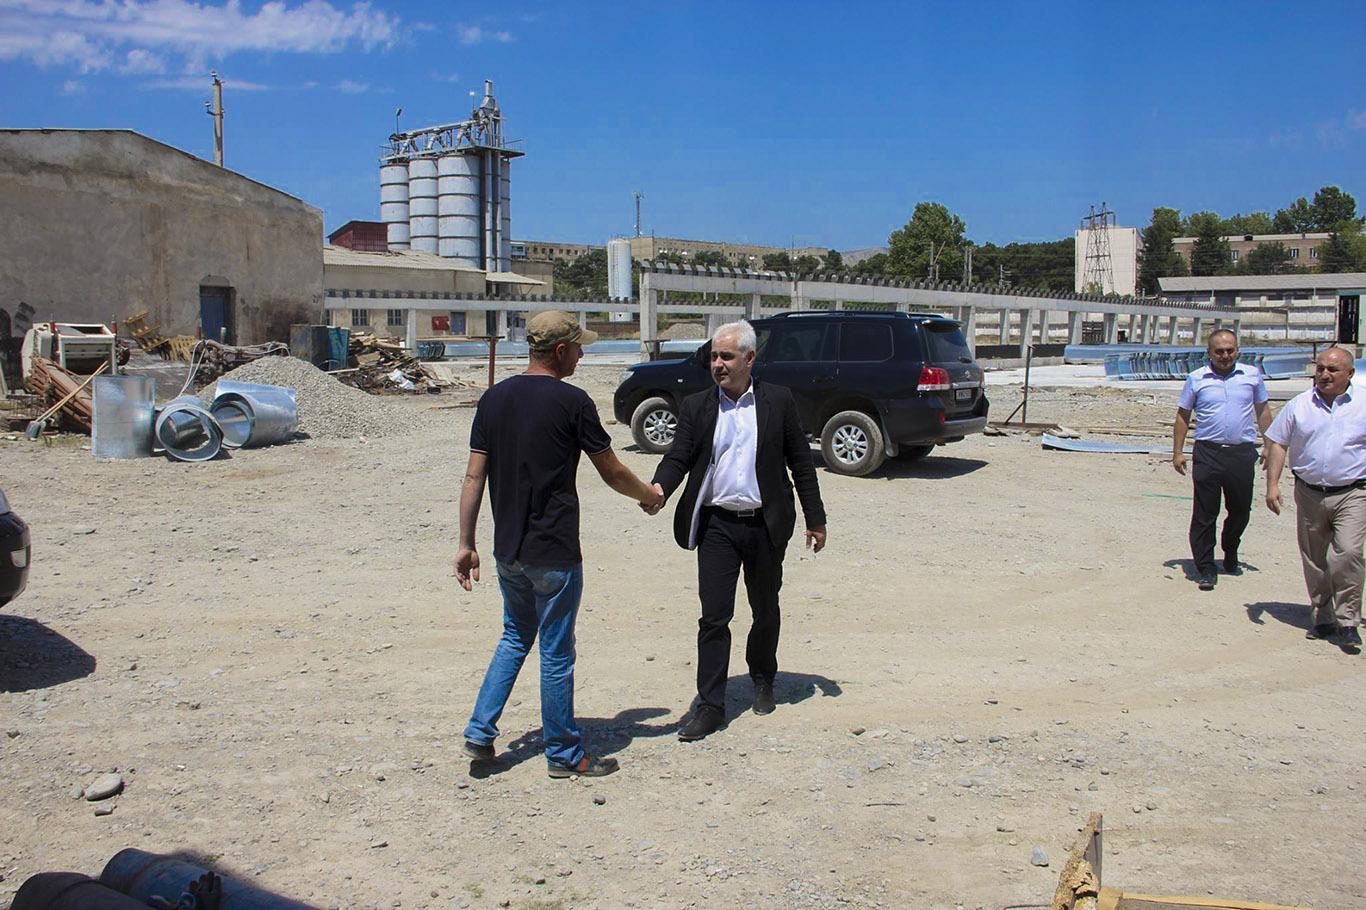 კასპის მუნიციპალიტეტში ხორციელდება ახალი საწარმოს მშენებლობა, სადაც მოხდება ბიოსასუქის წარმოება